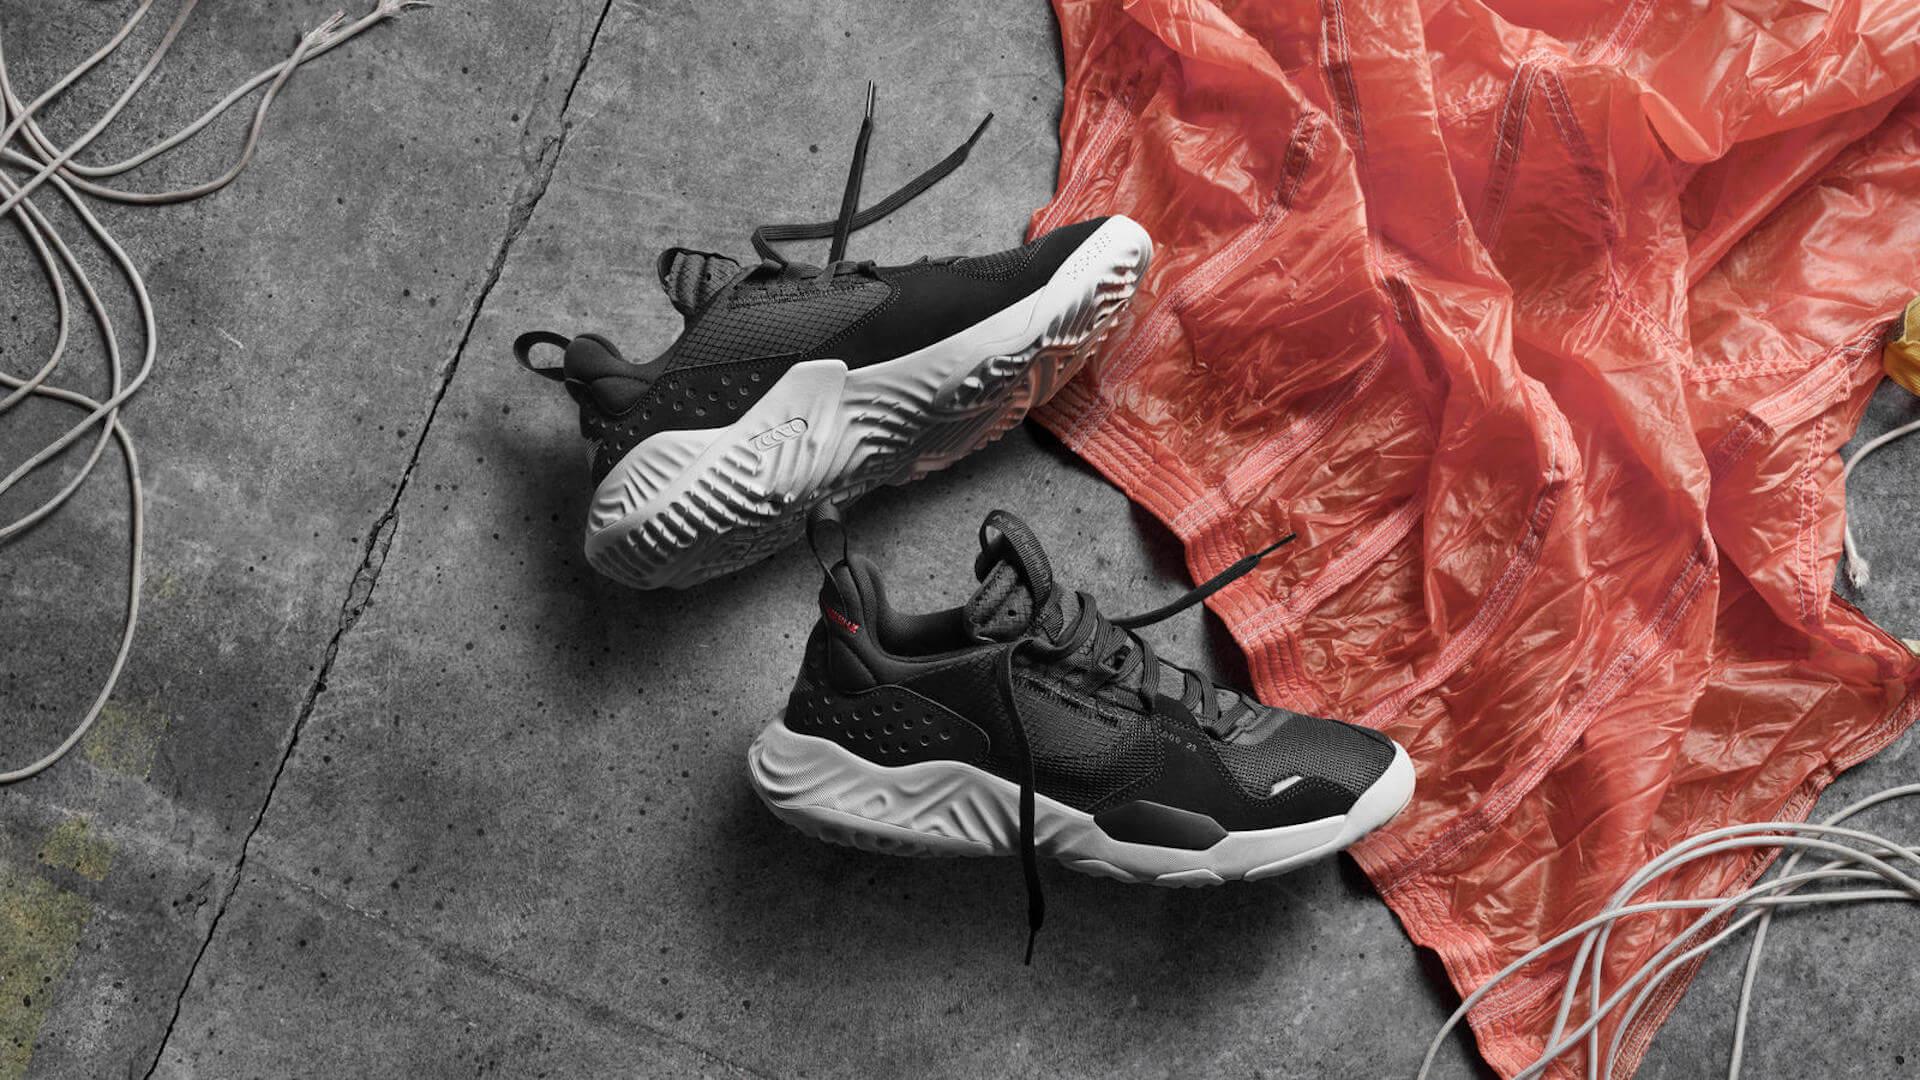 Jordan brandから、シューズソールにNIKE リアクト フォームを用いた「ジョーダン デルタ」が発売決定 lf200401_jordandelta_03